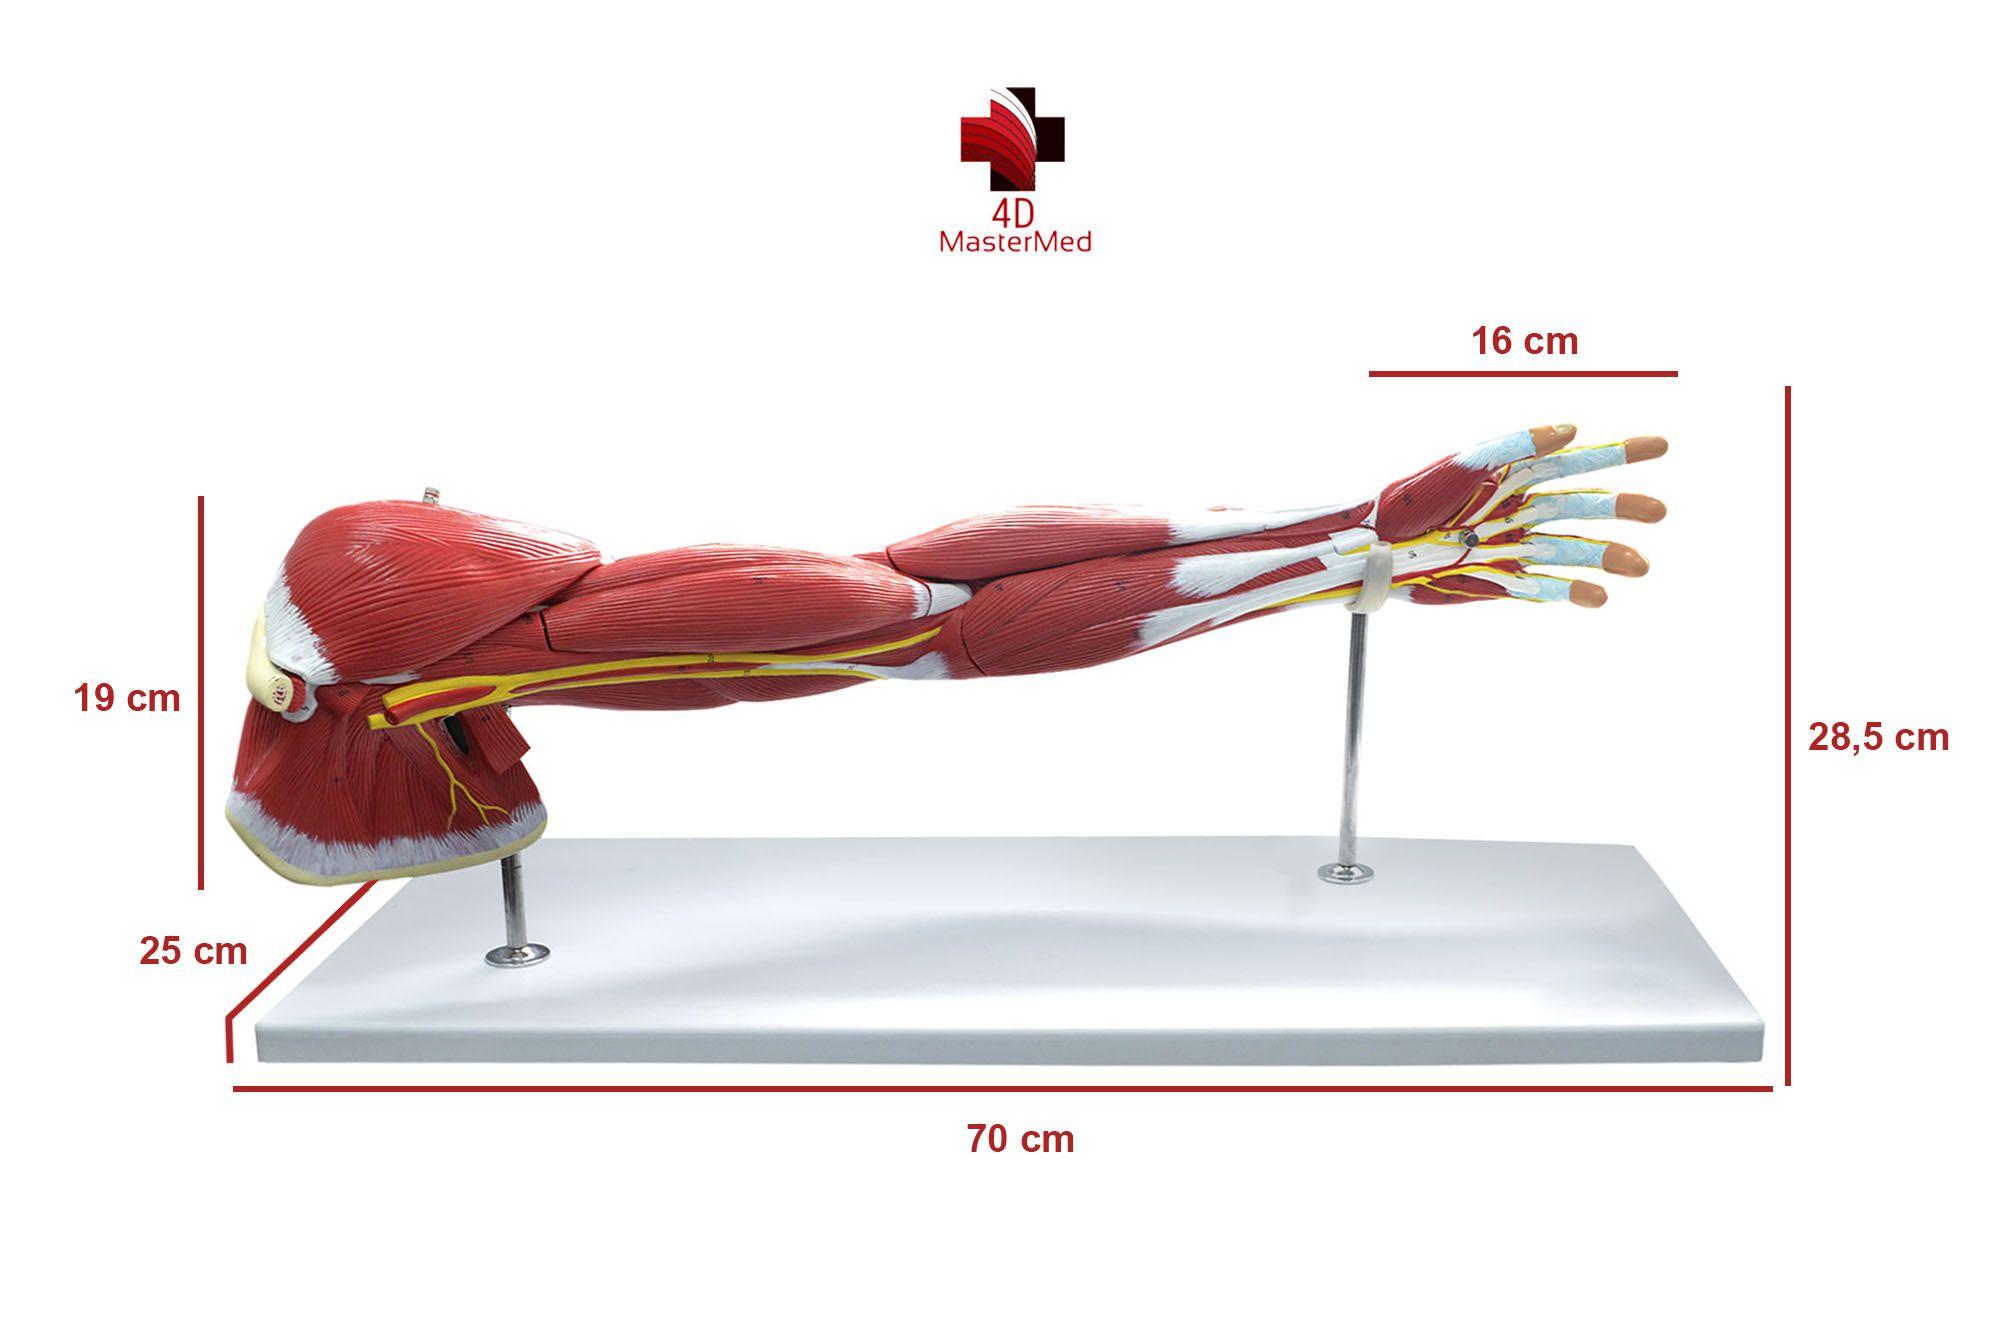 Anatomia do Braço - Membro Superior